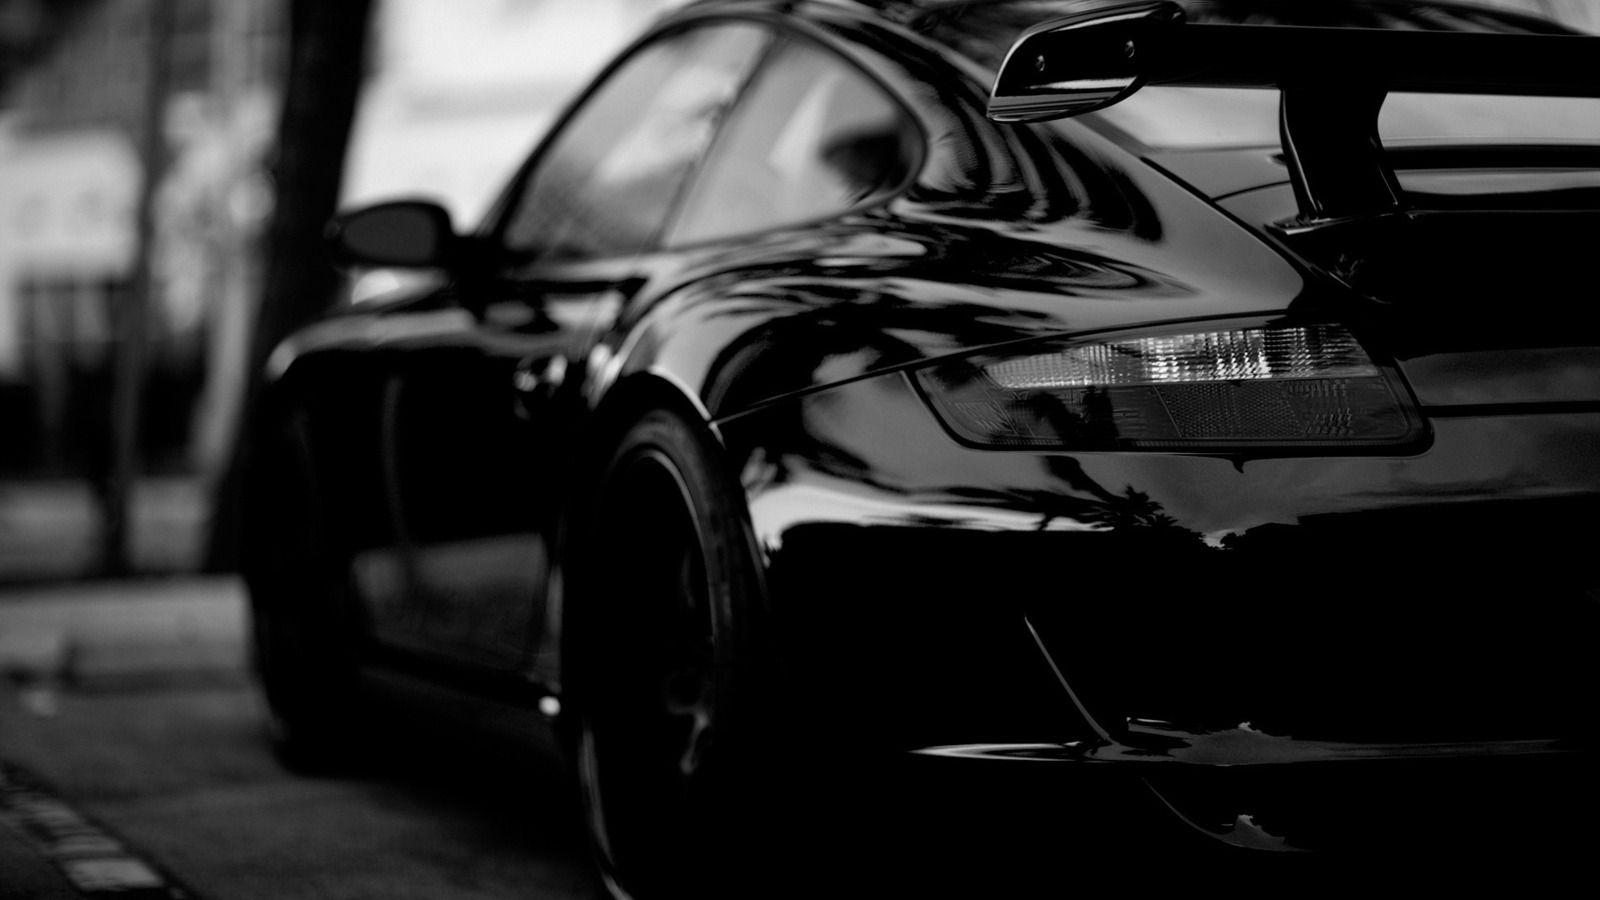 porsche black dragon hd wallpaper | cars | pinterest | porsche cars